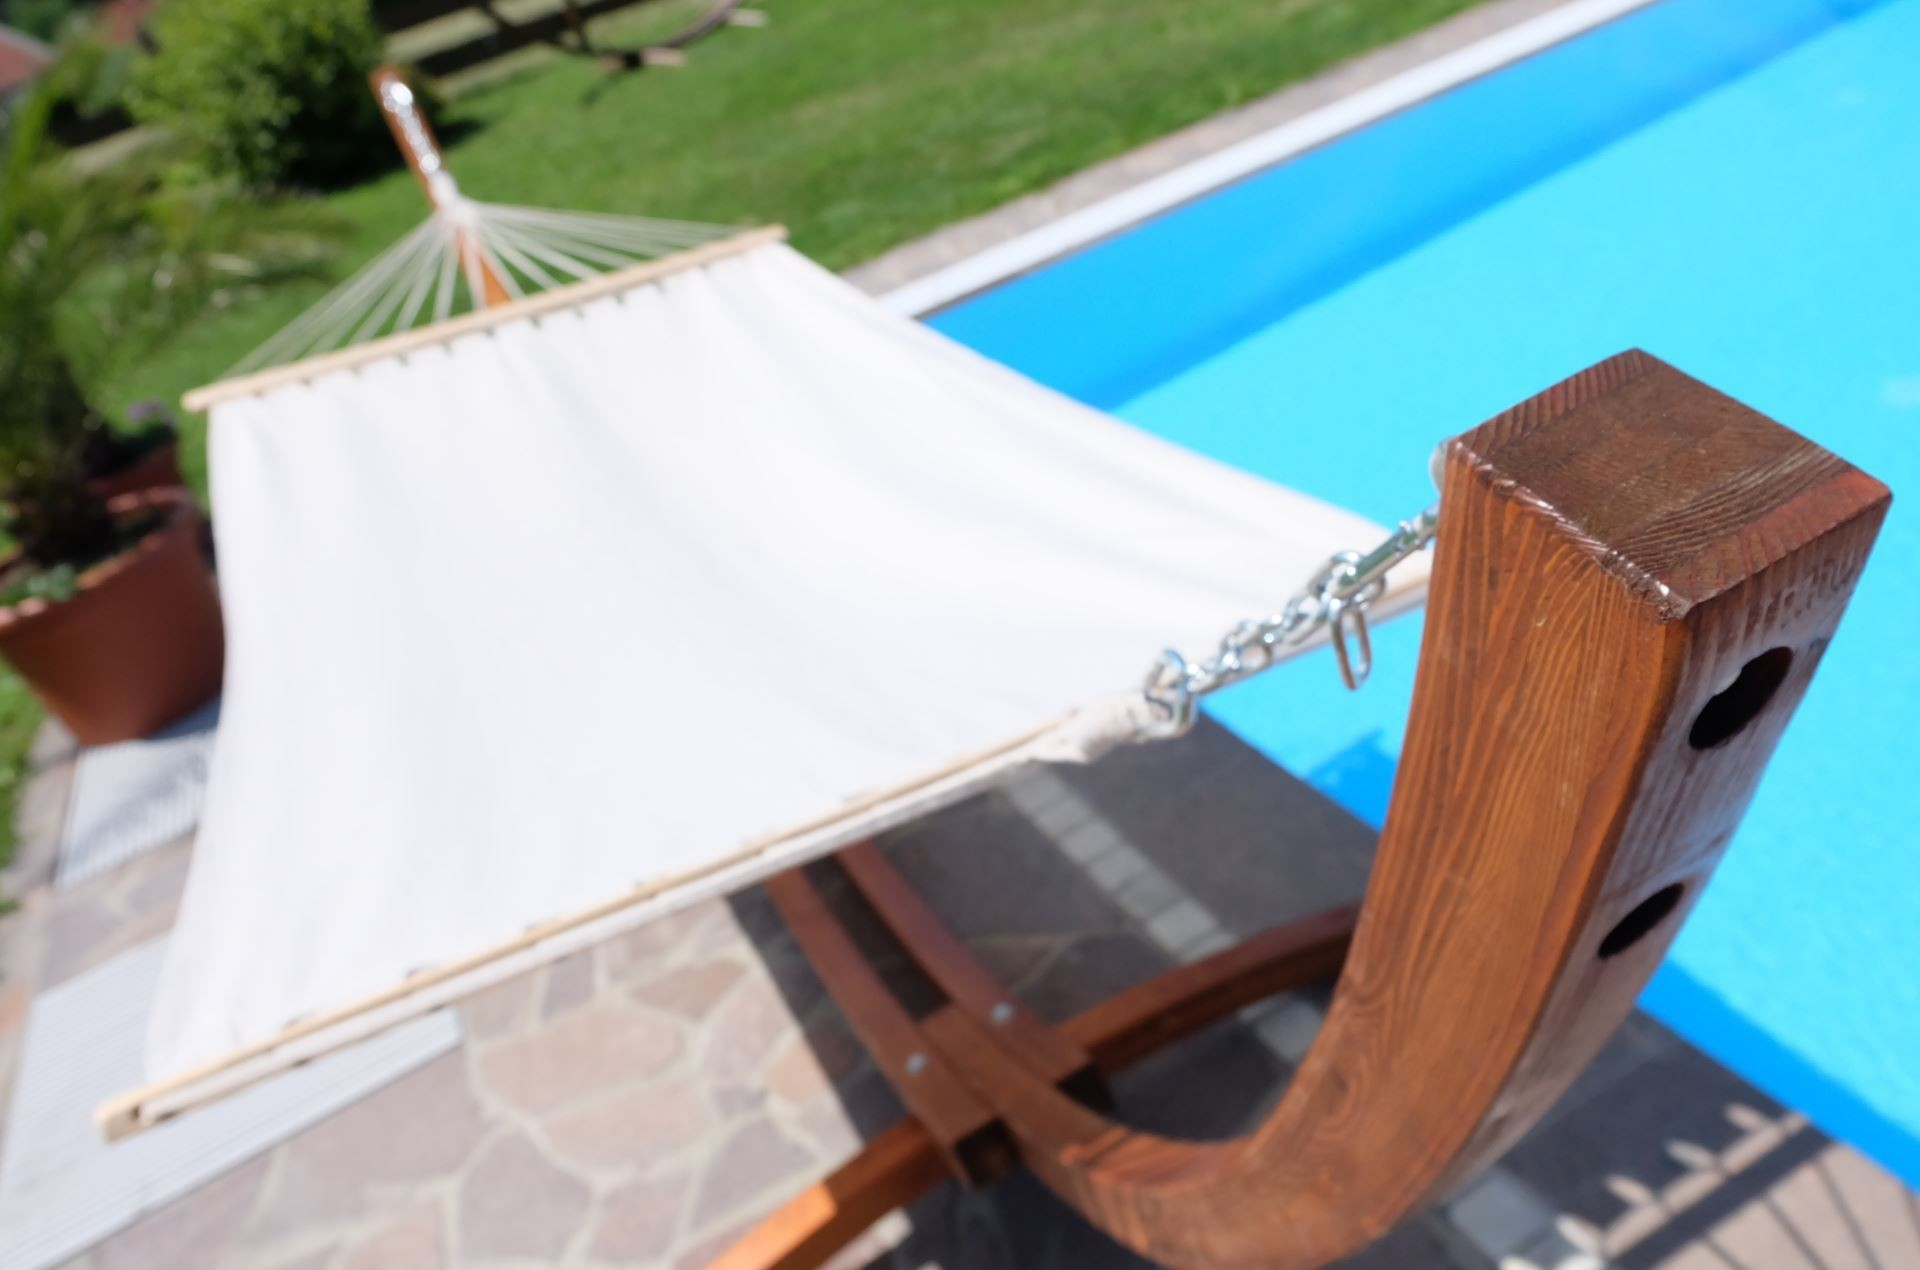 350cm h ngemattengestell lucia aus holz l rche mit stab h ngematte kaufen bei as handelsgmbh. Black Bedroom Furniture Sets. Home Design Ideas